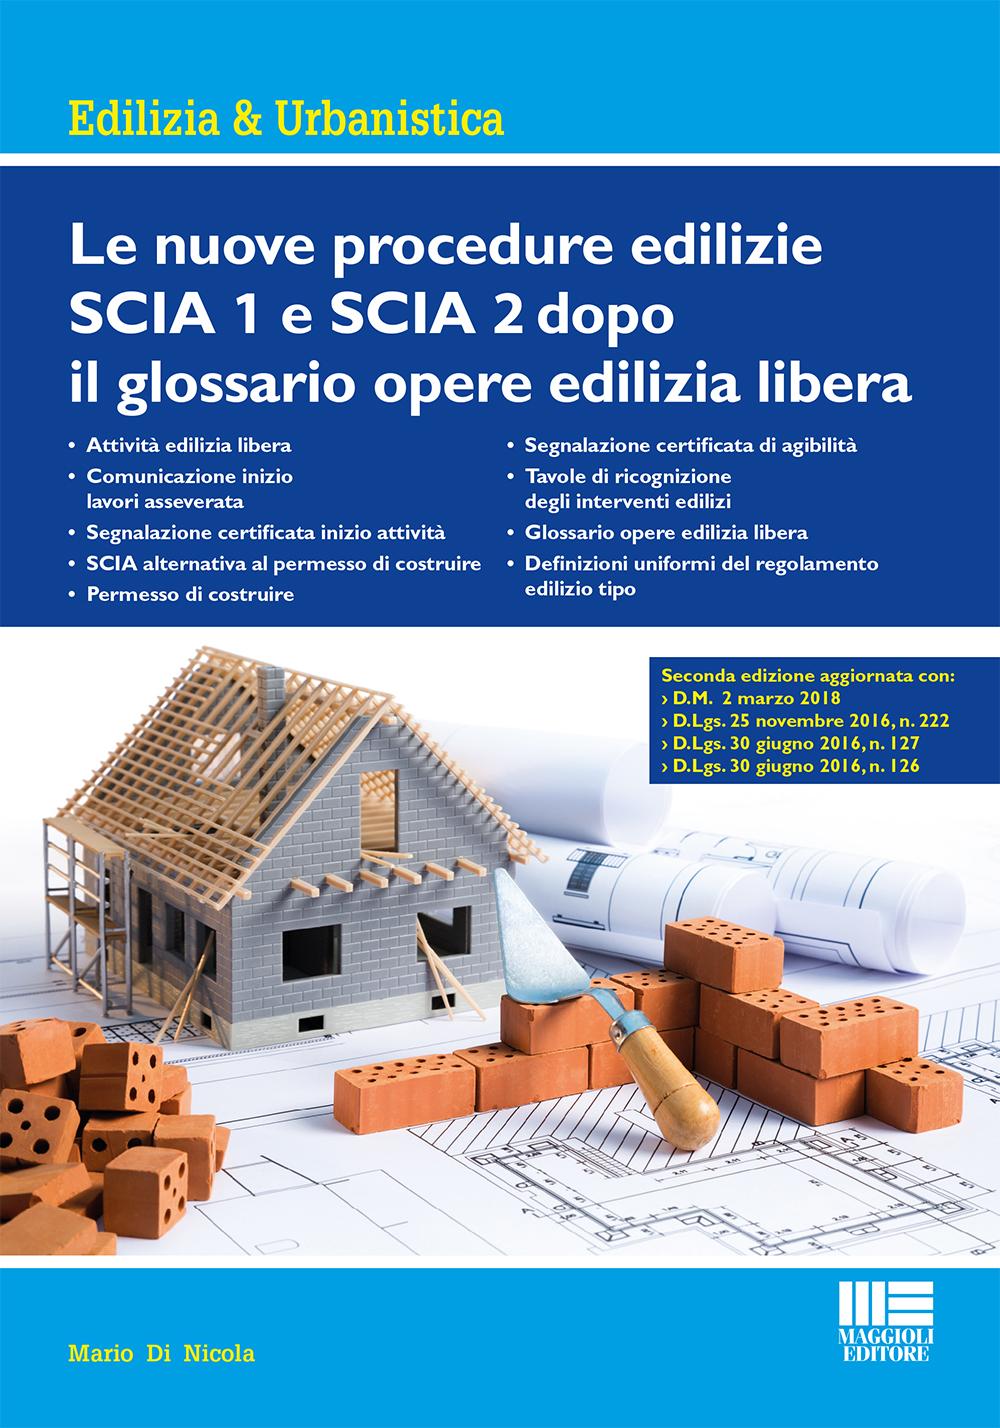 Edilizia Libera: le nuove procedure - Libro di carta